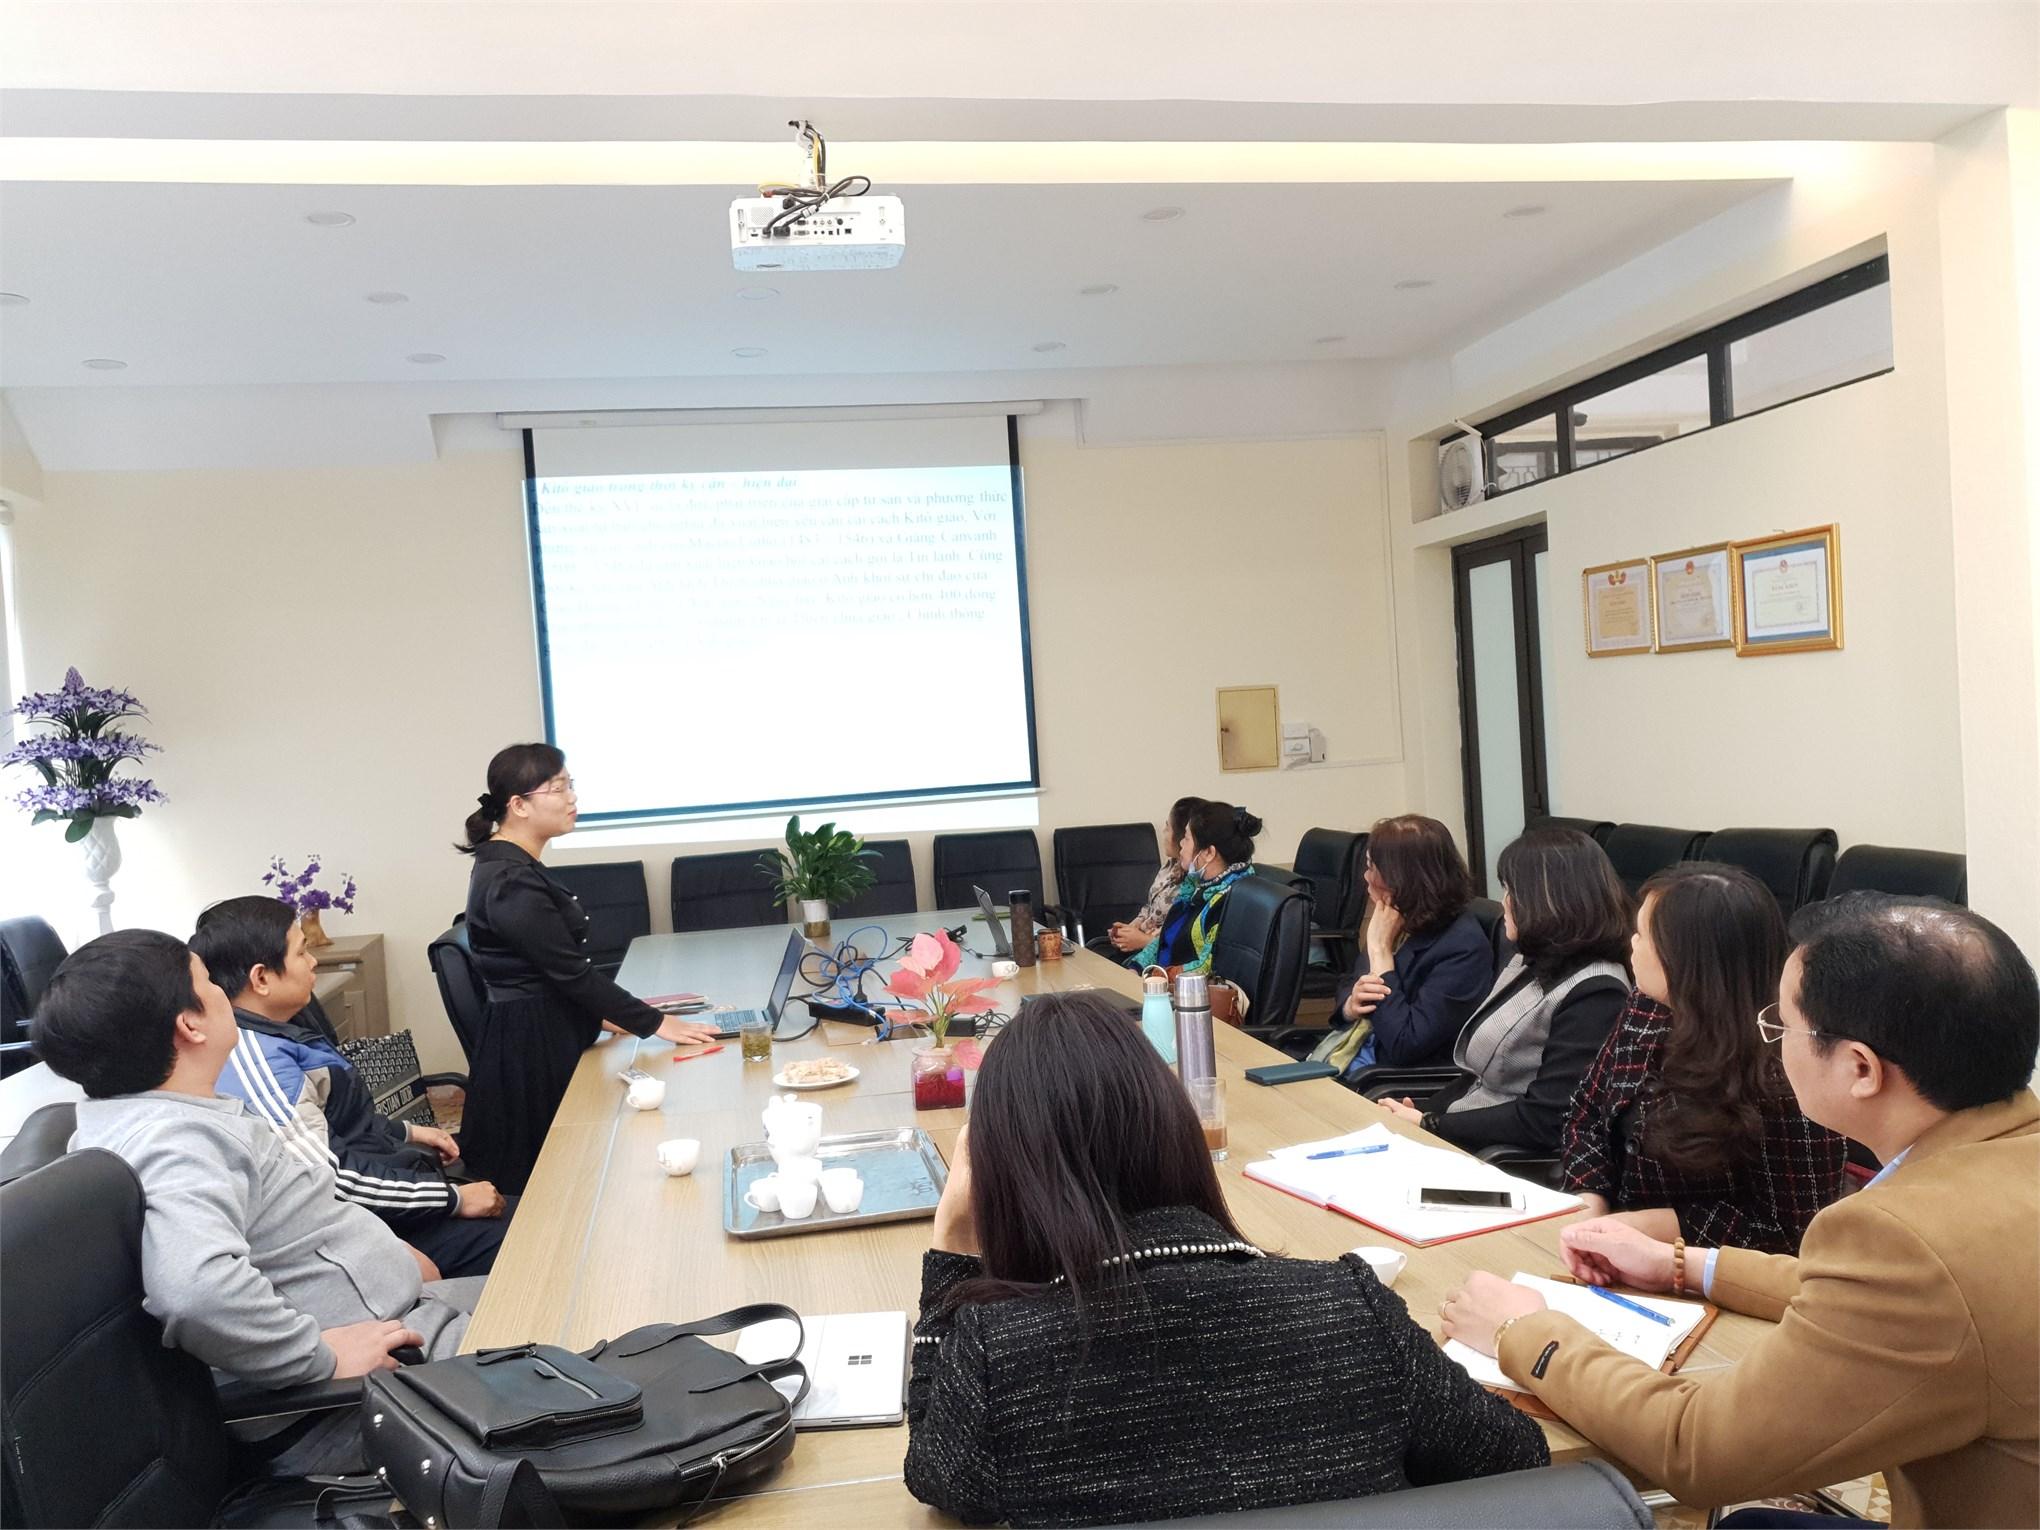 Thảo luận chuyên đề chuyên sâu: Đạo công giáo và ảnh hưởng của nó đến xã hội Việt Nam; Vấn đề con người và phát triển con người trong học thuyết Mác-Lênin